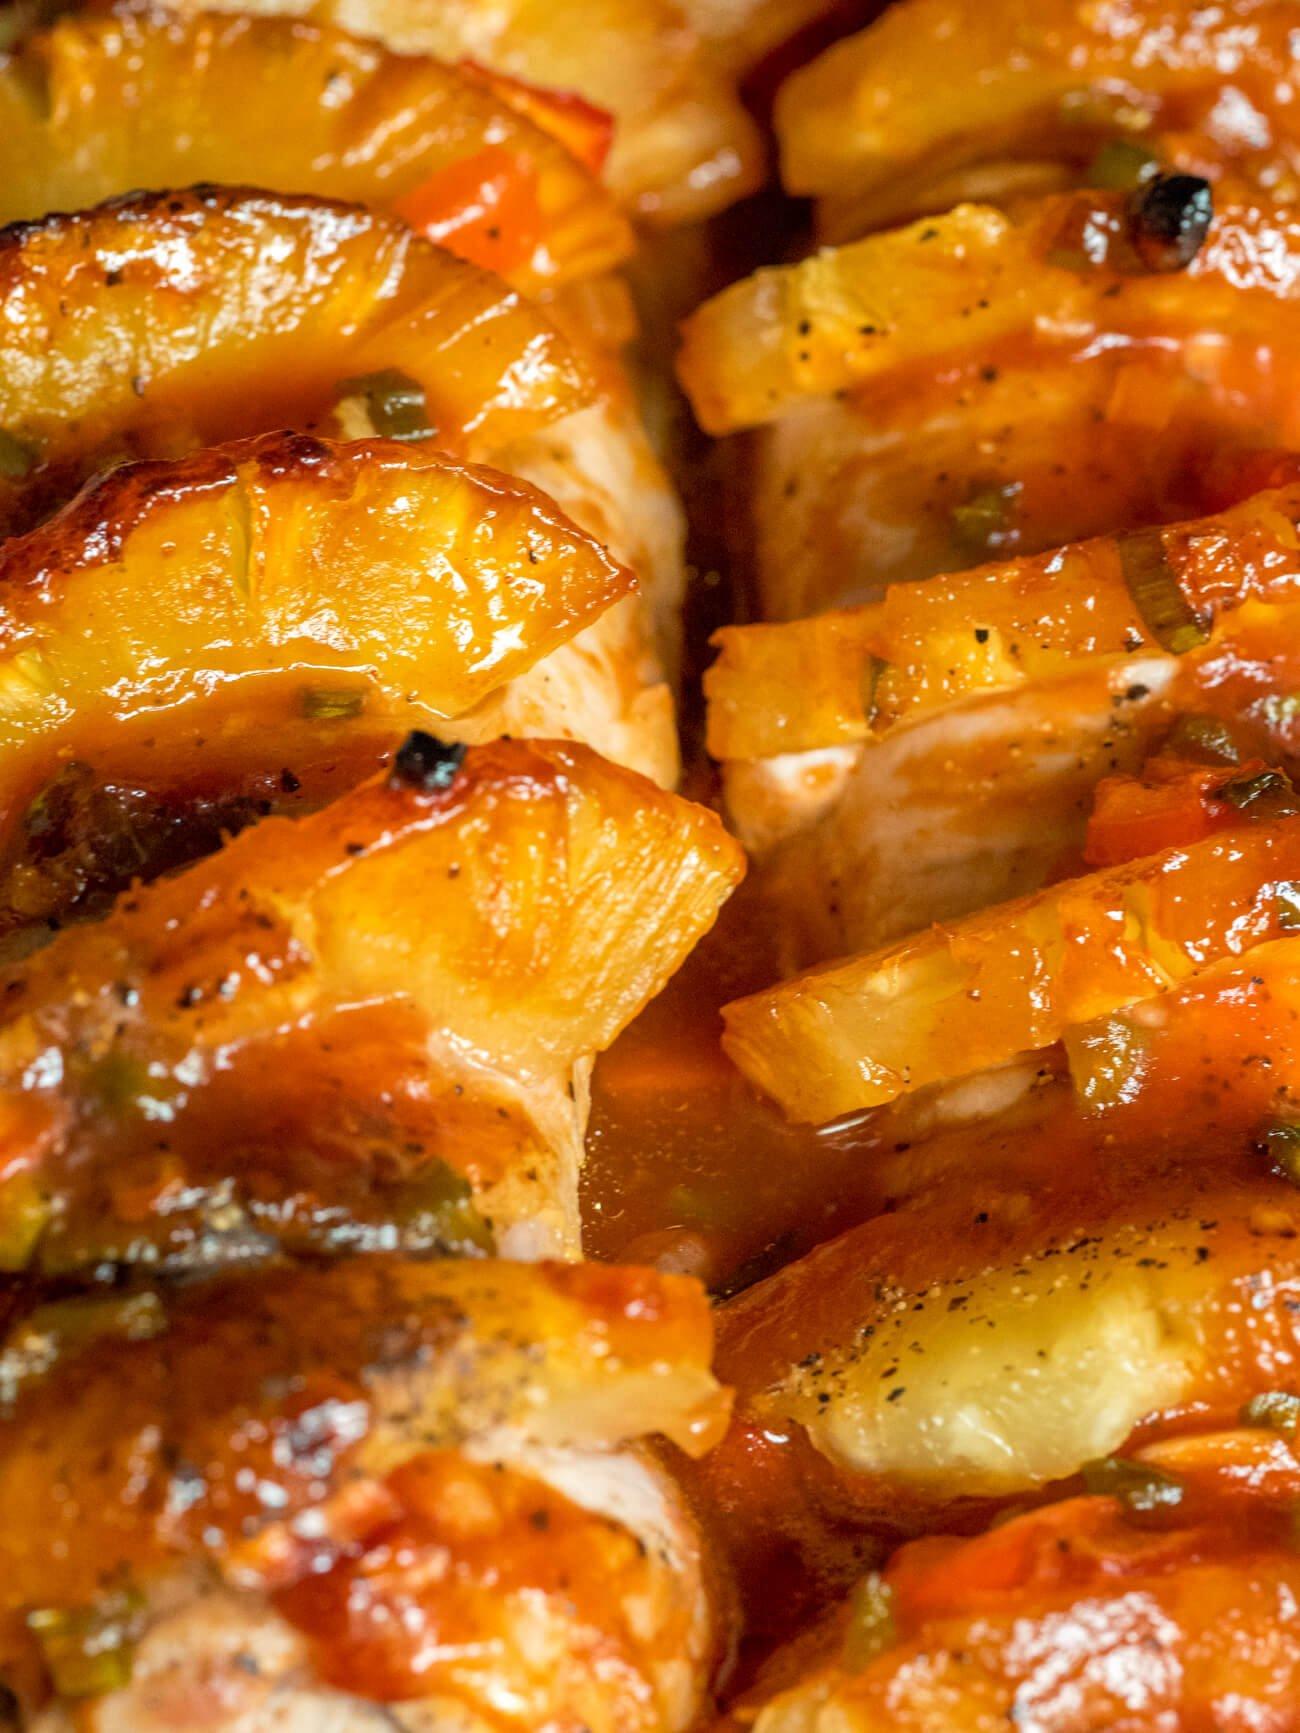 2. Juicy Hawaiian Pork Loin